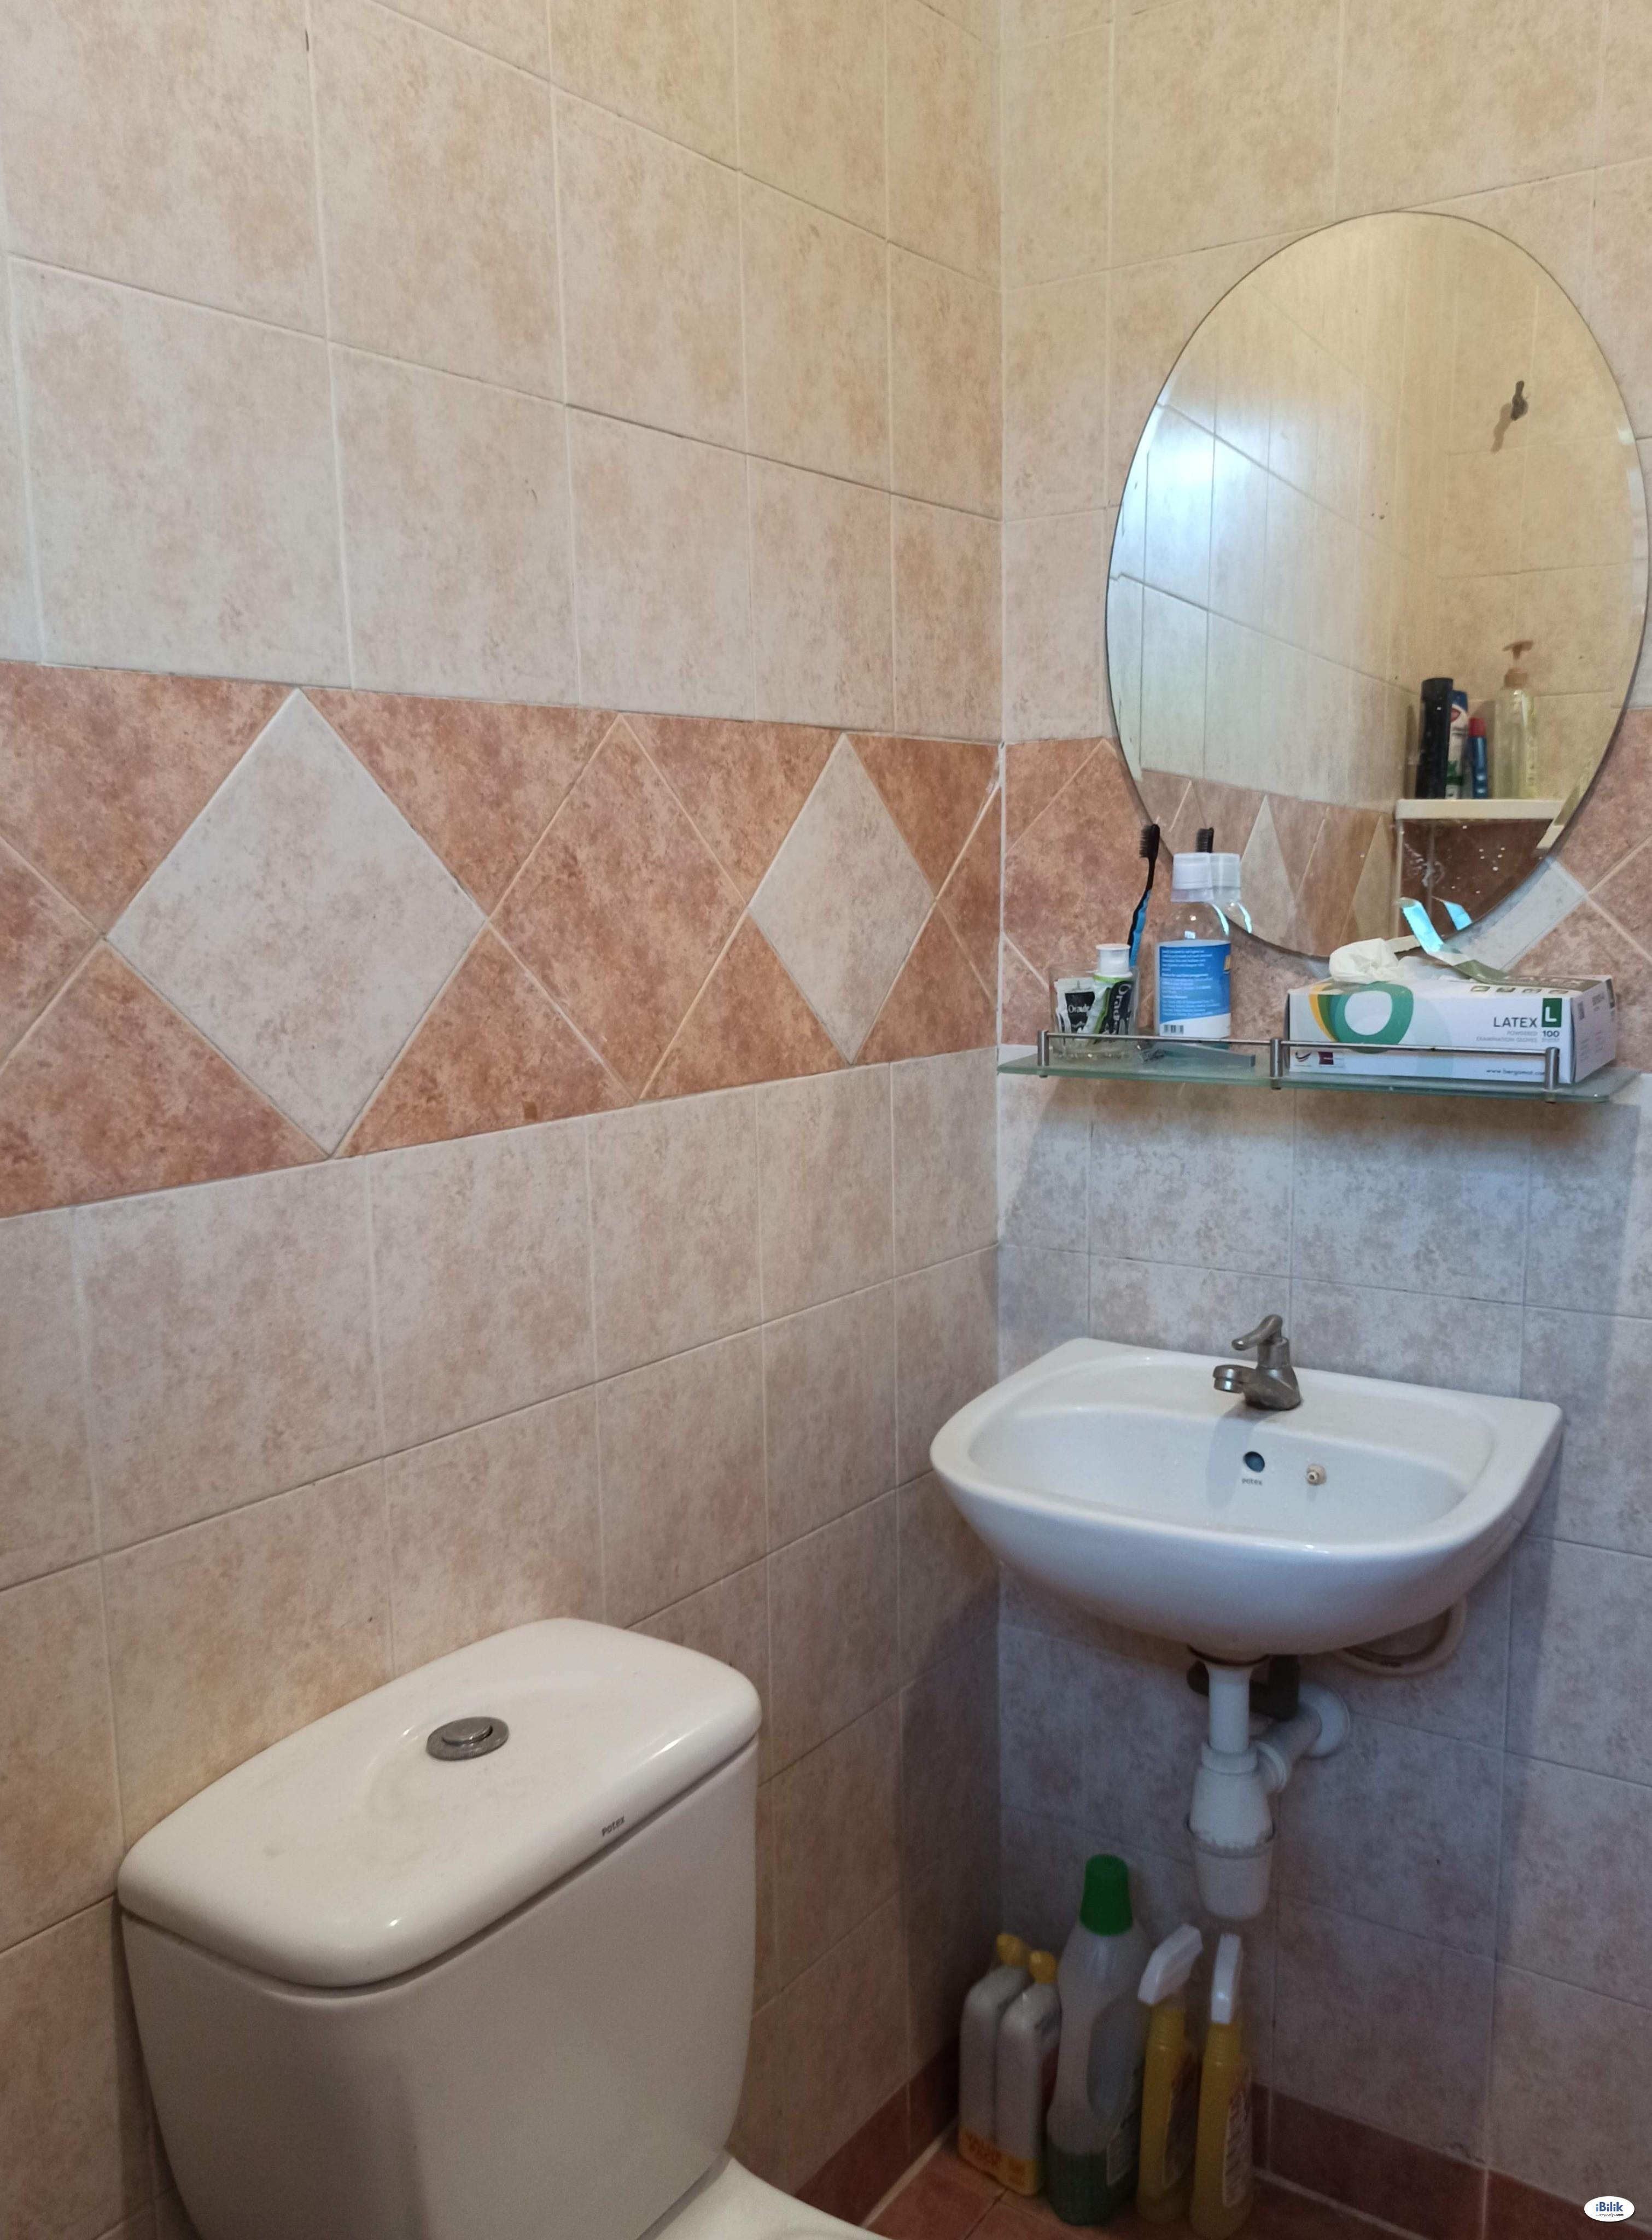 Room - Shared House at Bandar Bukit Tinggi 2, Klang